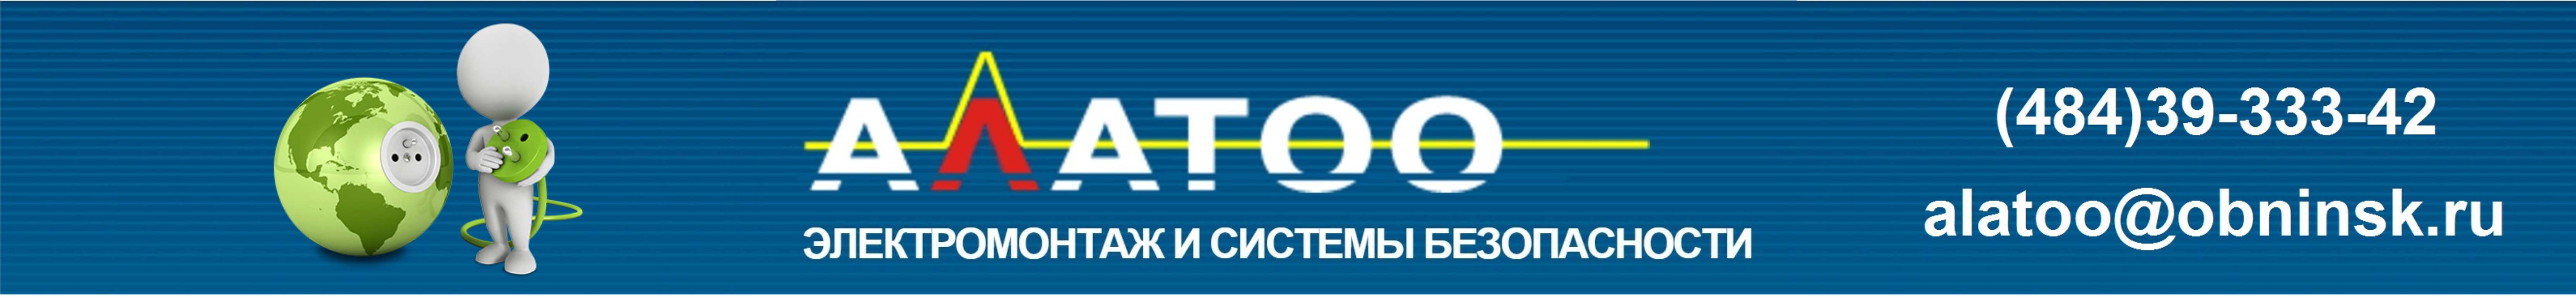 ООО Алатоо электромонтажные работы